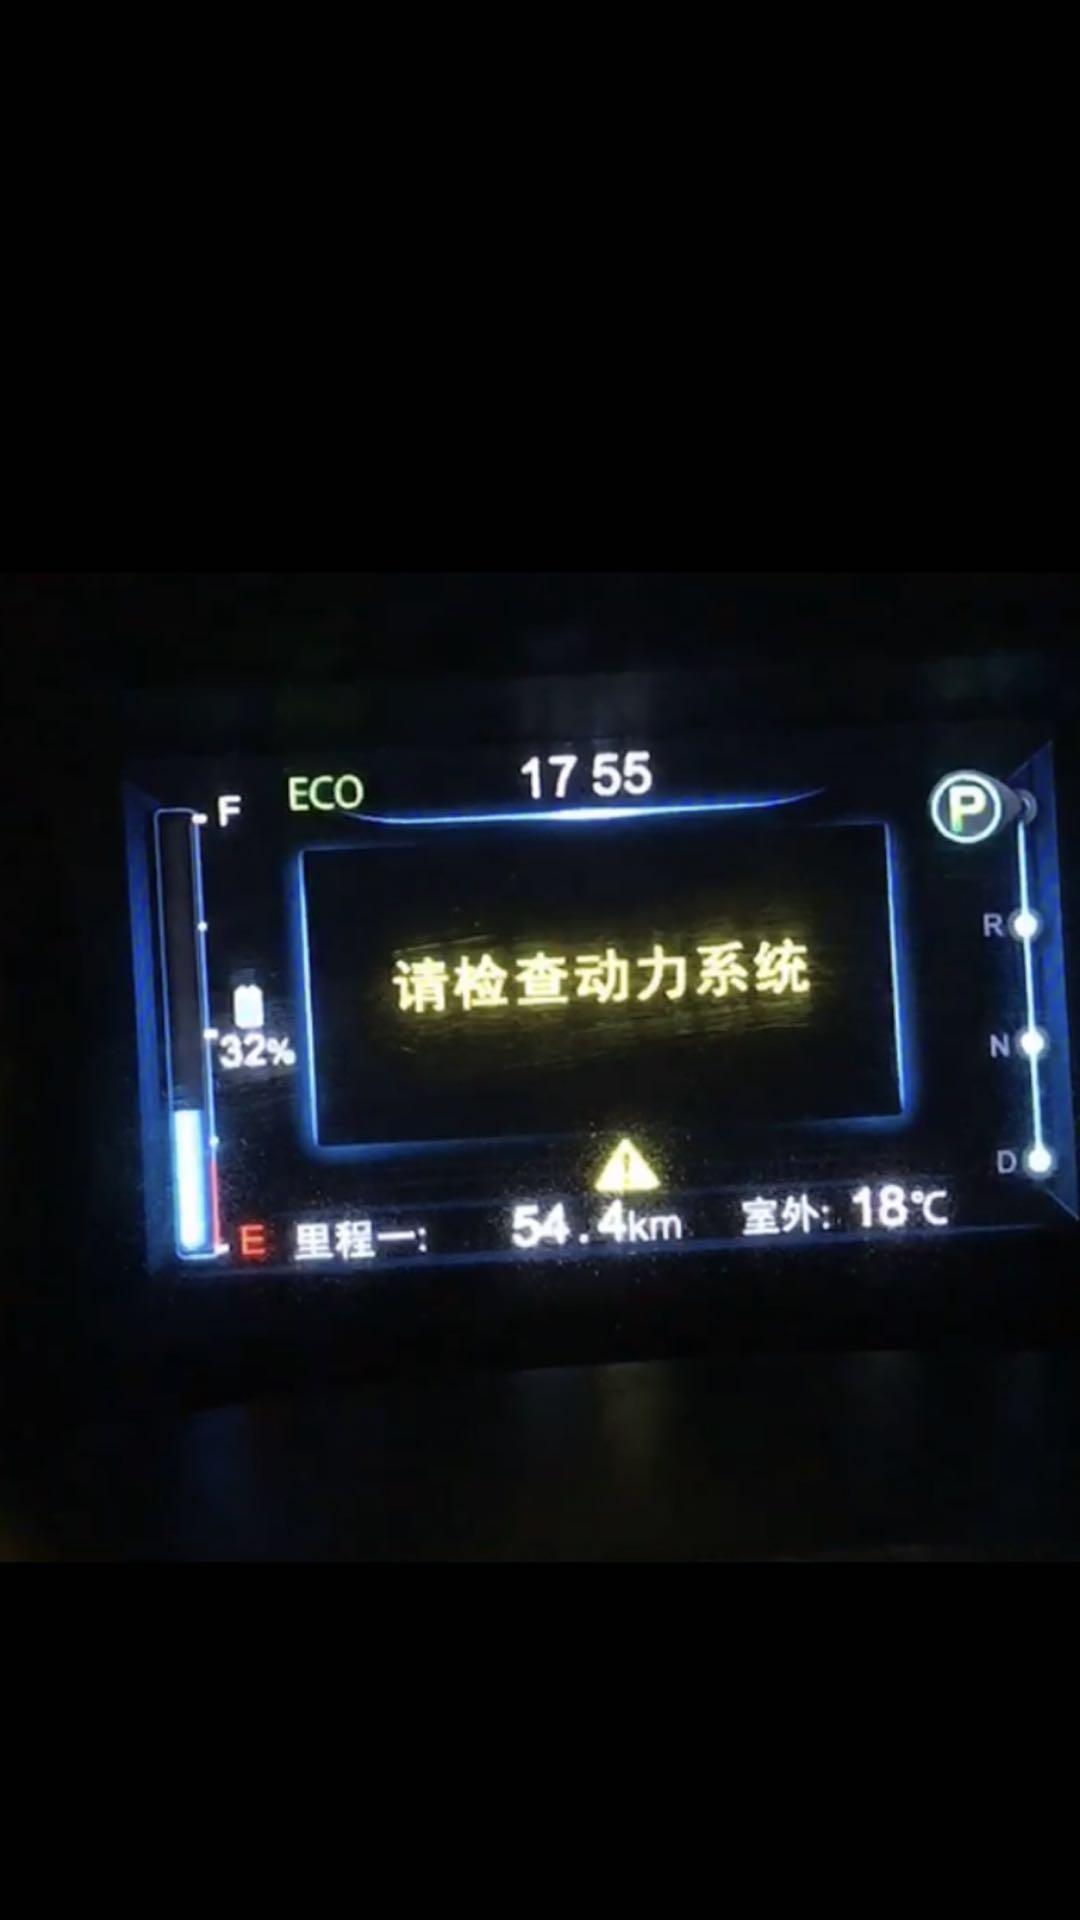 比亚迪-比亚迪e5 动力电池衰减严重